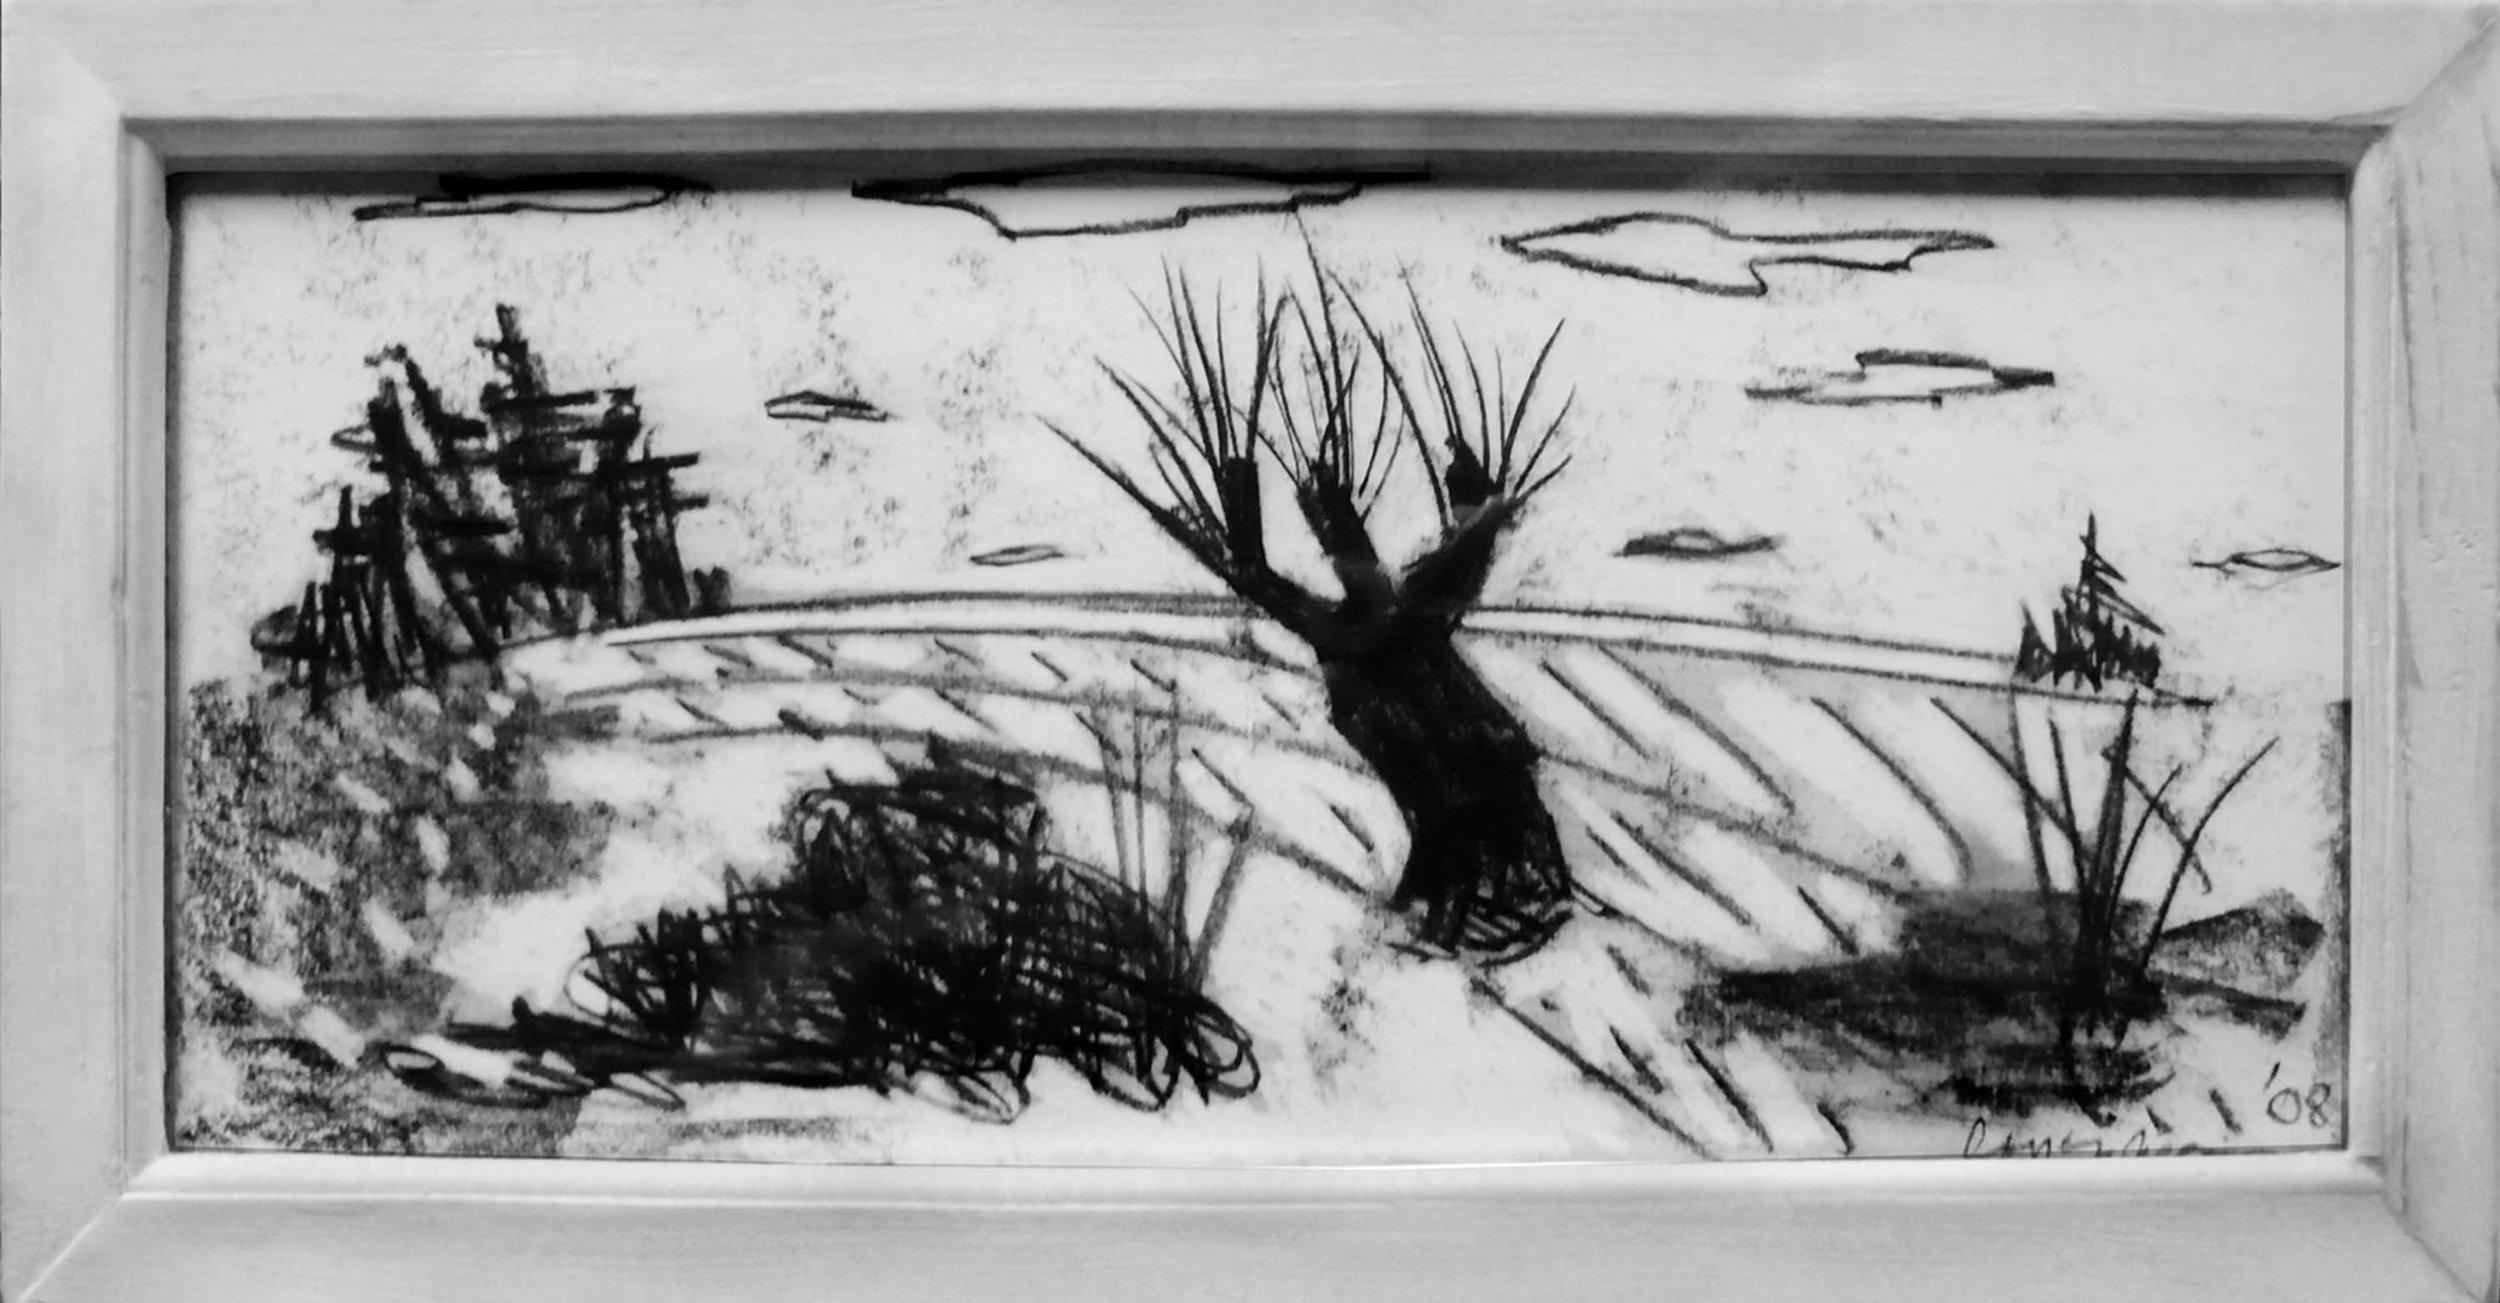 Paysage au fusain U.K .,circa 2008, fusain sur papier / Charcoal on paper